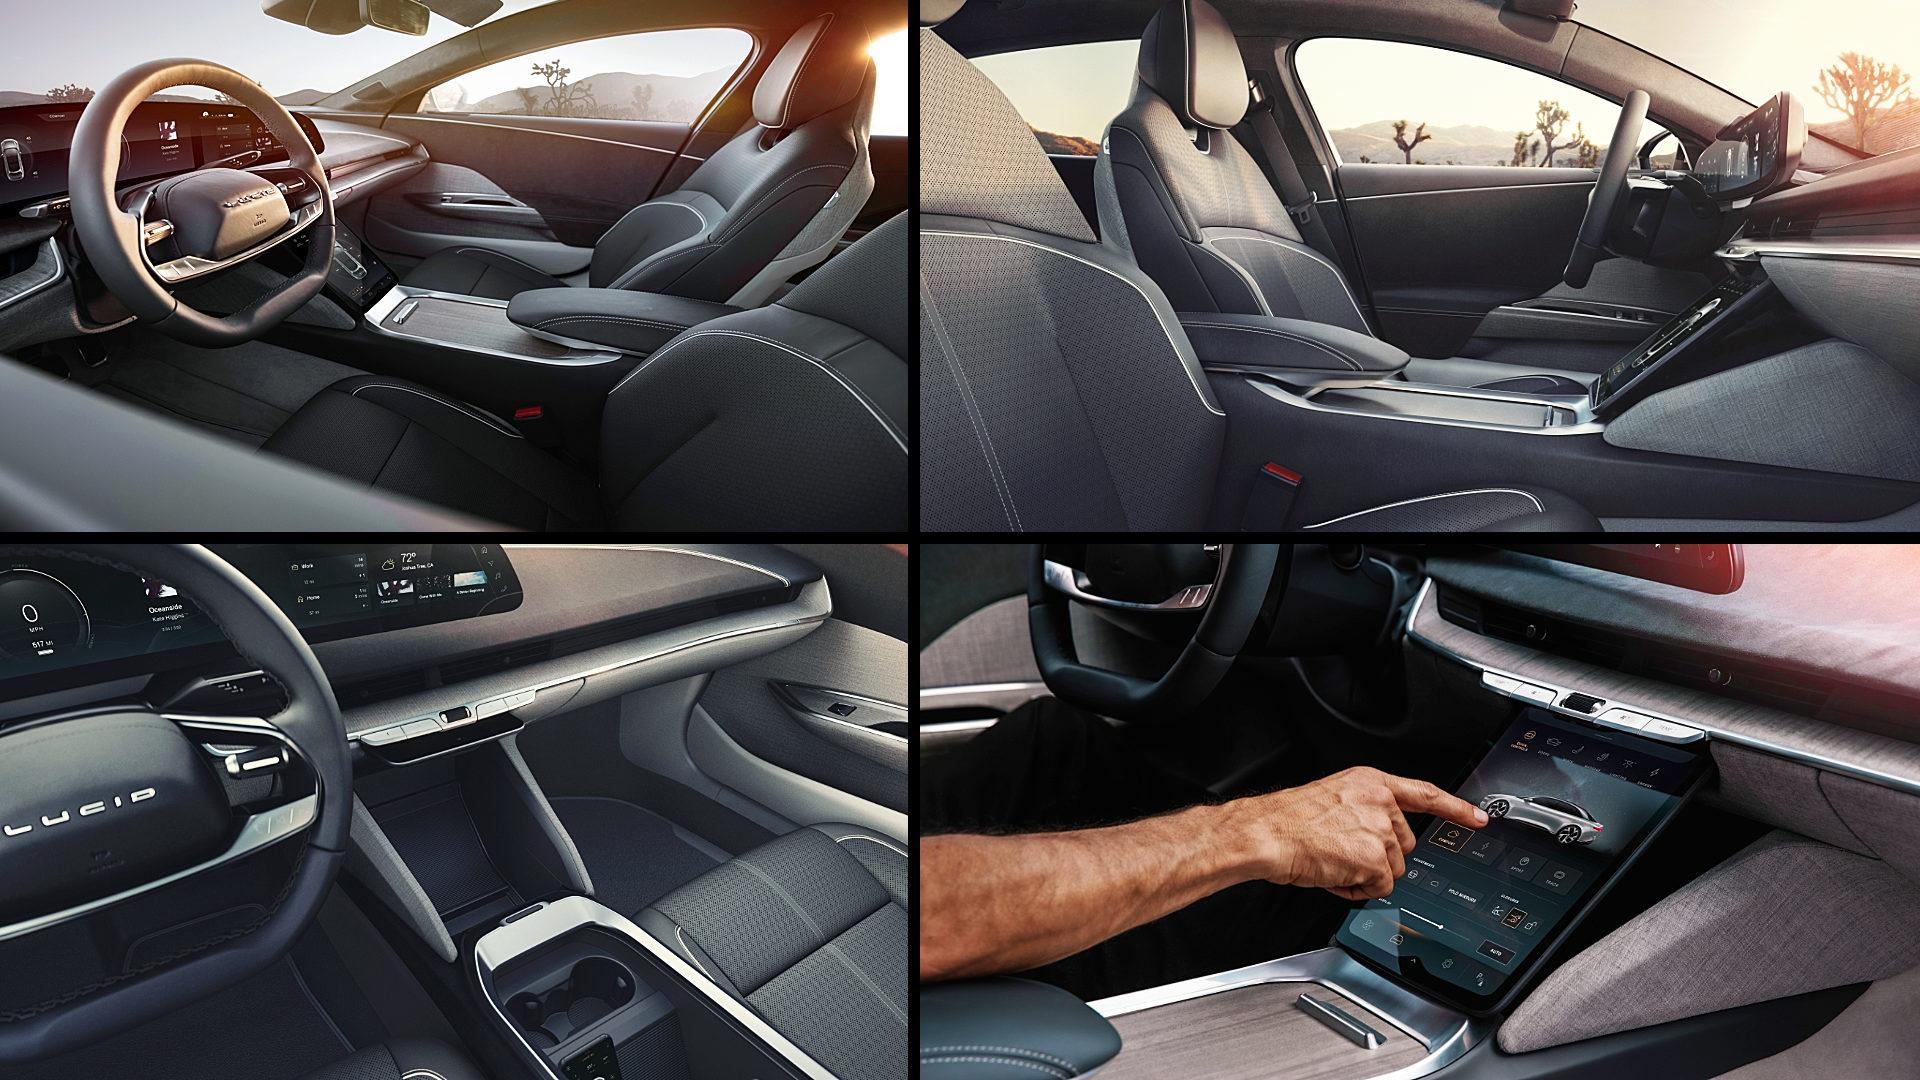 2021 Lucid Air Electric Sedan Interior